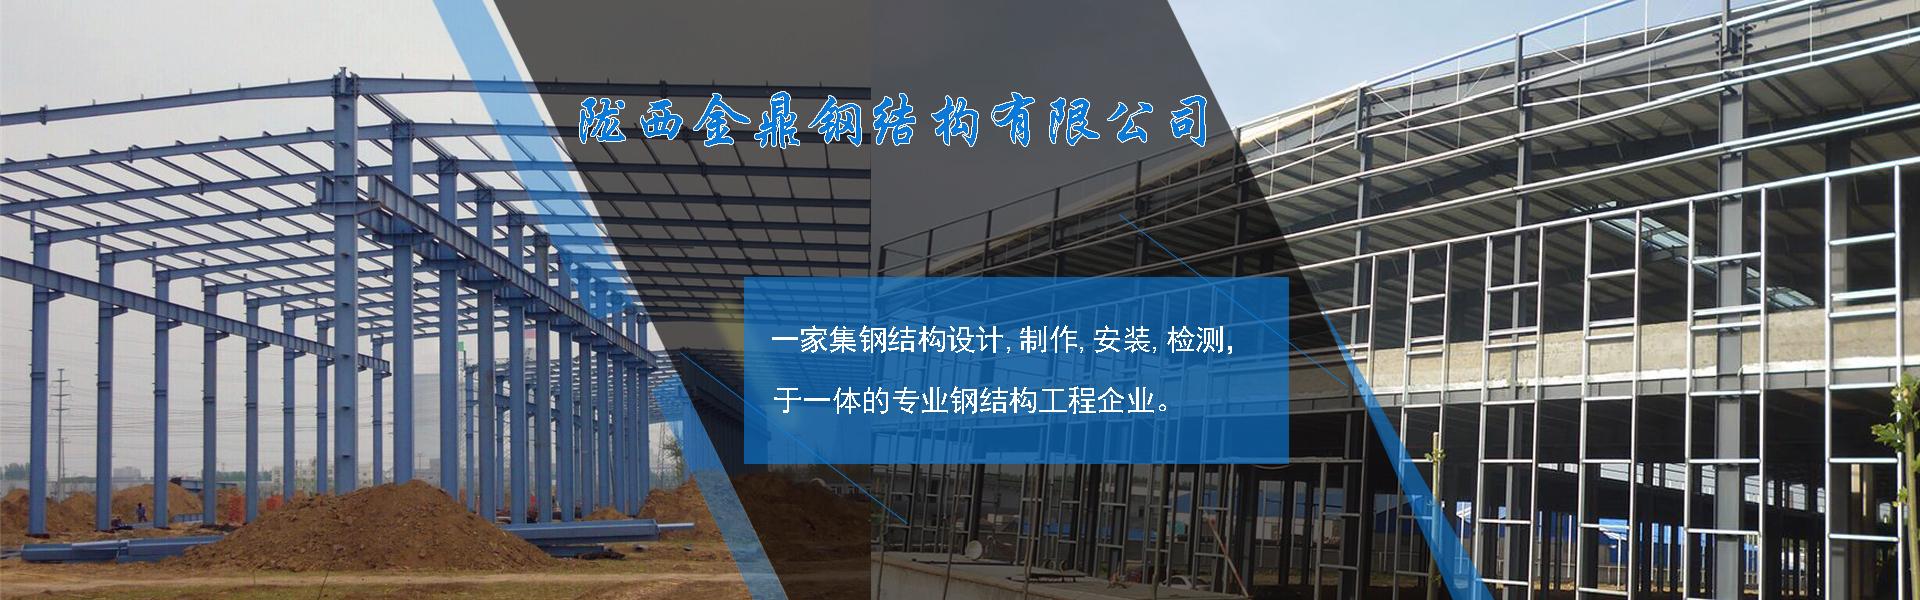 陇西金鼎钢结构有限公司